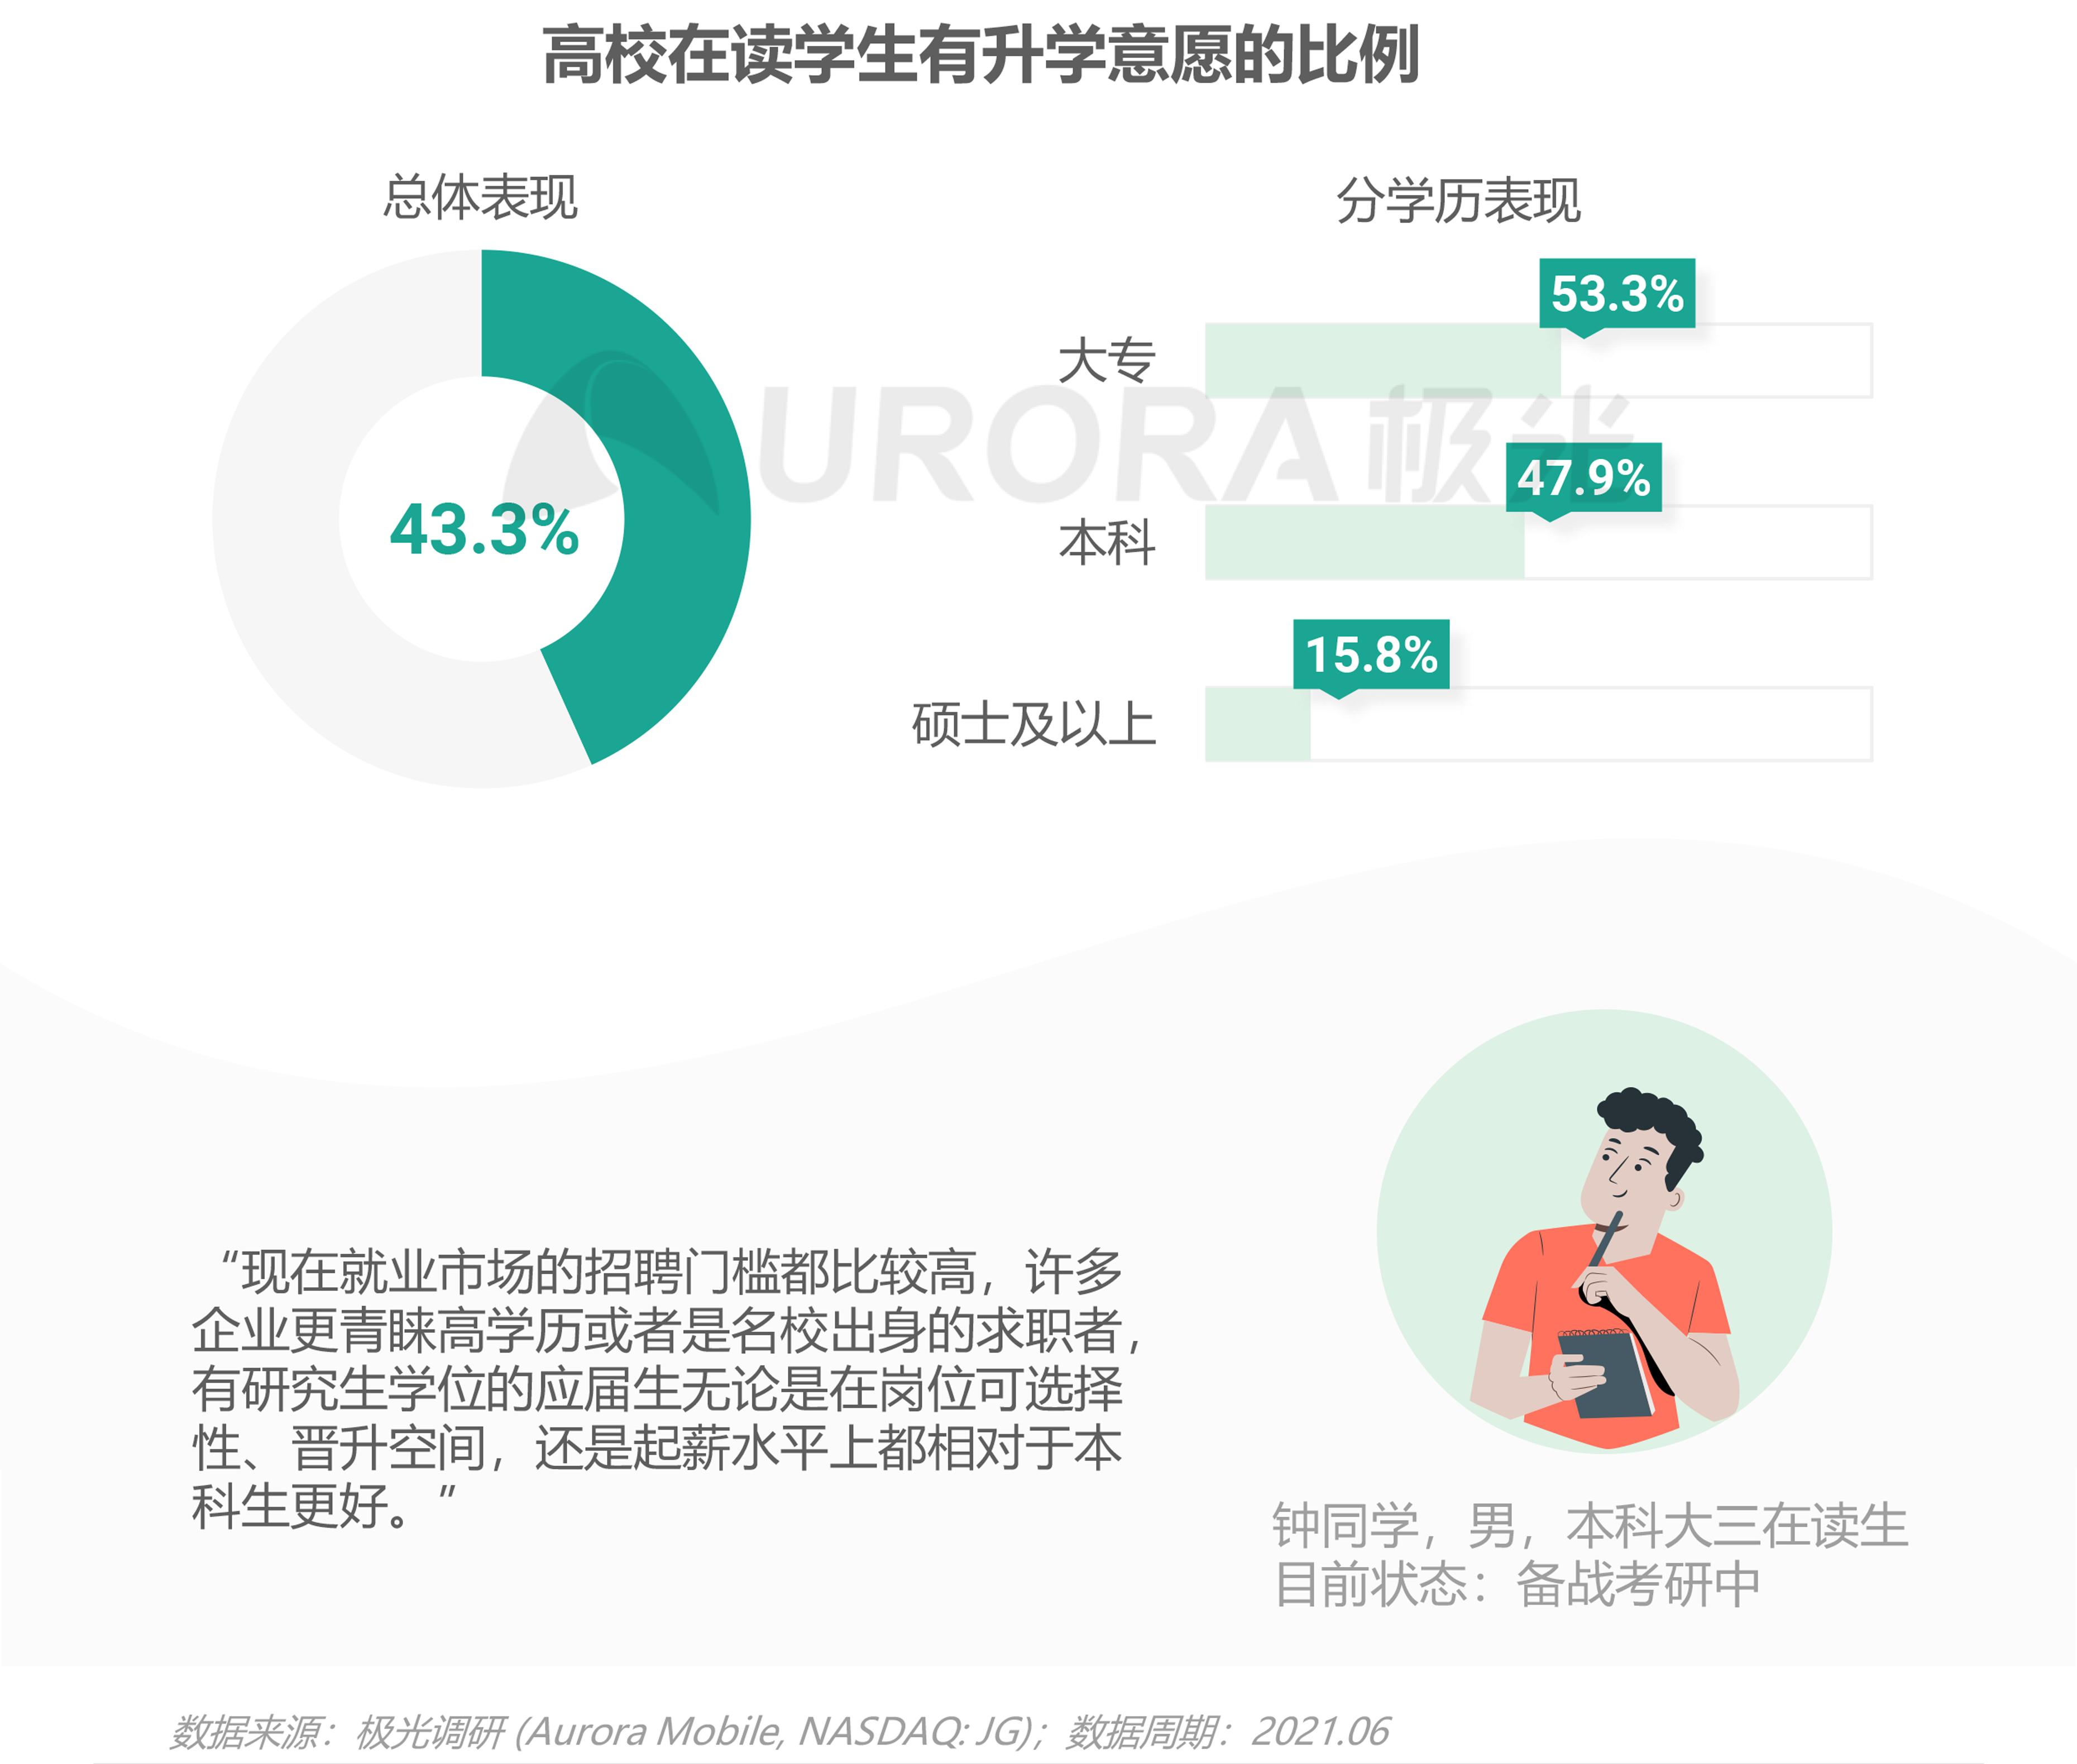 2021毕业生求职状态洞察报告【定稿】-5.png